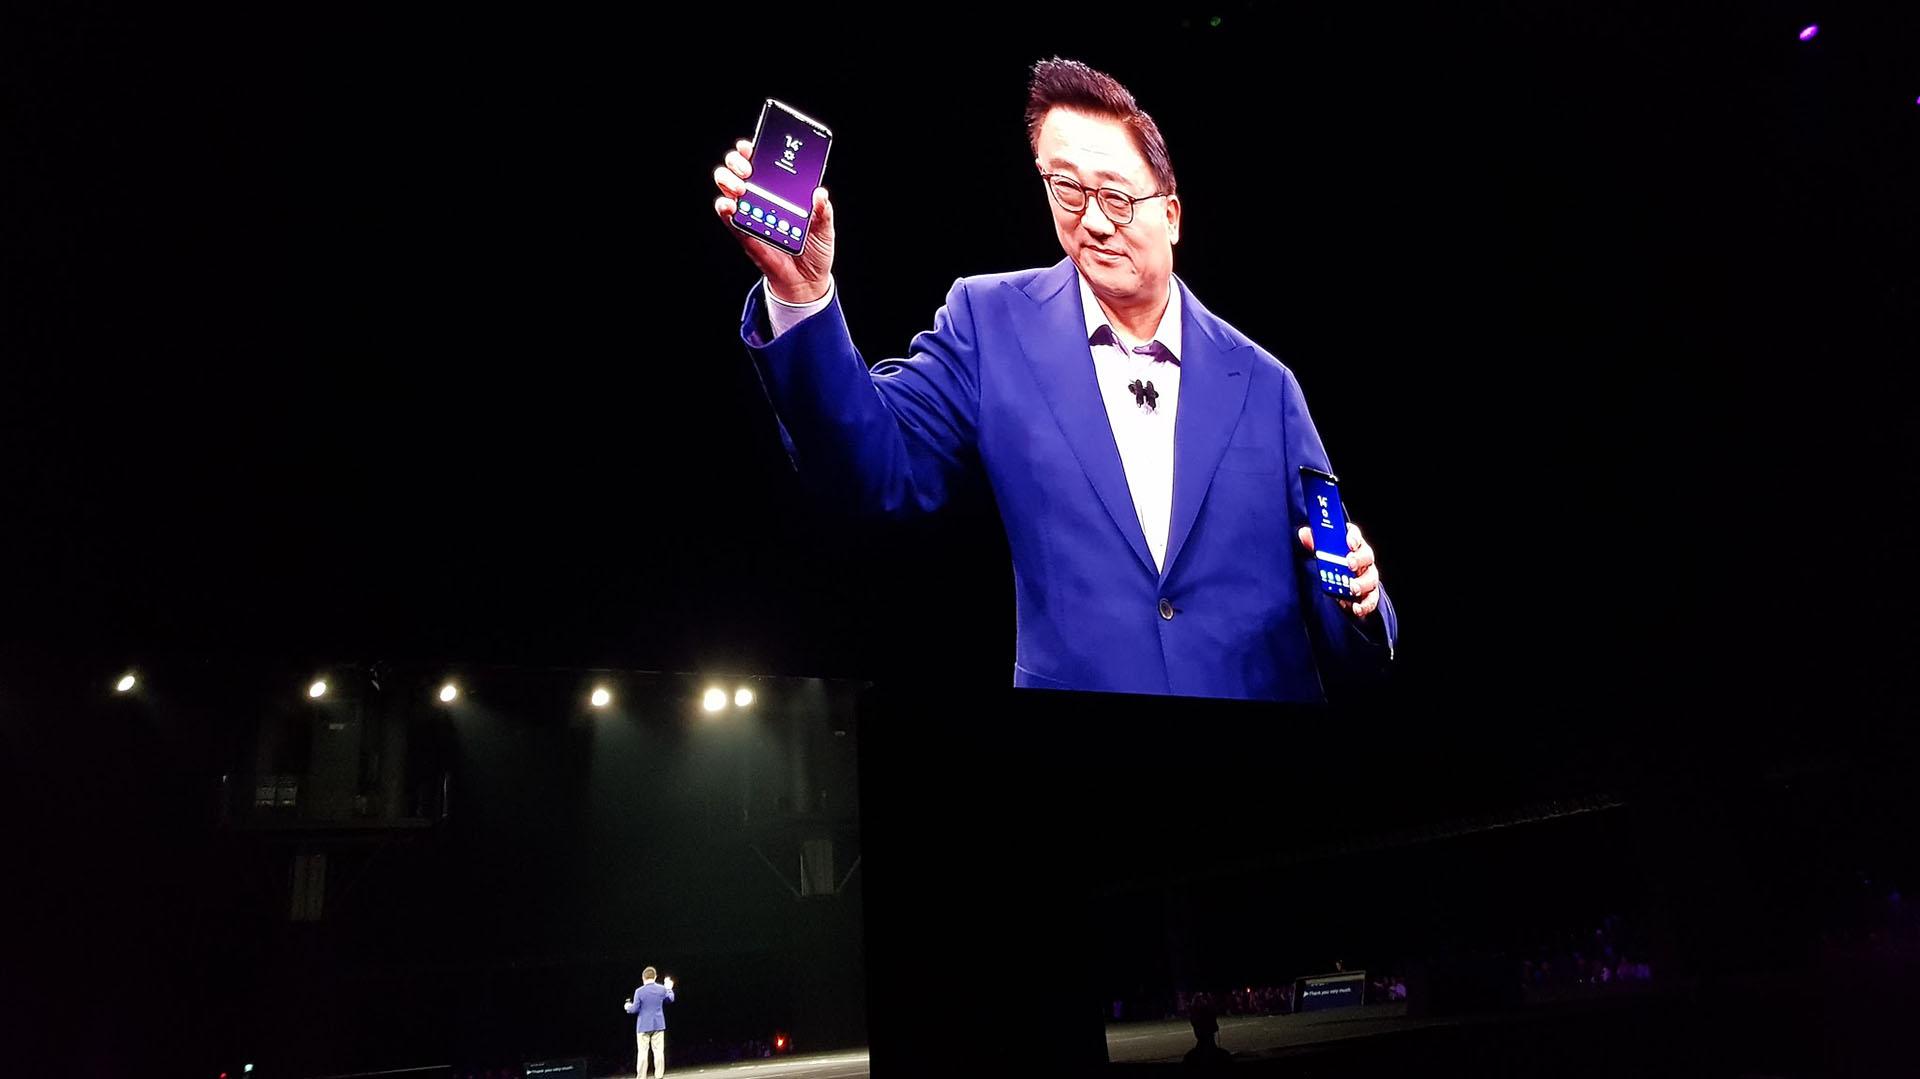 Samsung refuerza su apuesta por la calidad fotográfica, por eso, en estos nuevos modelos sumó varias características premium. Las cámaras tienen un estabilizador óptico y un enfoque automático, e integran un sensor Super Speed Dual Pixel con potencia dedicada de procesamiento y memoria que permite combinar hasta 12 cuadros en una sola toma